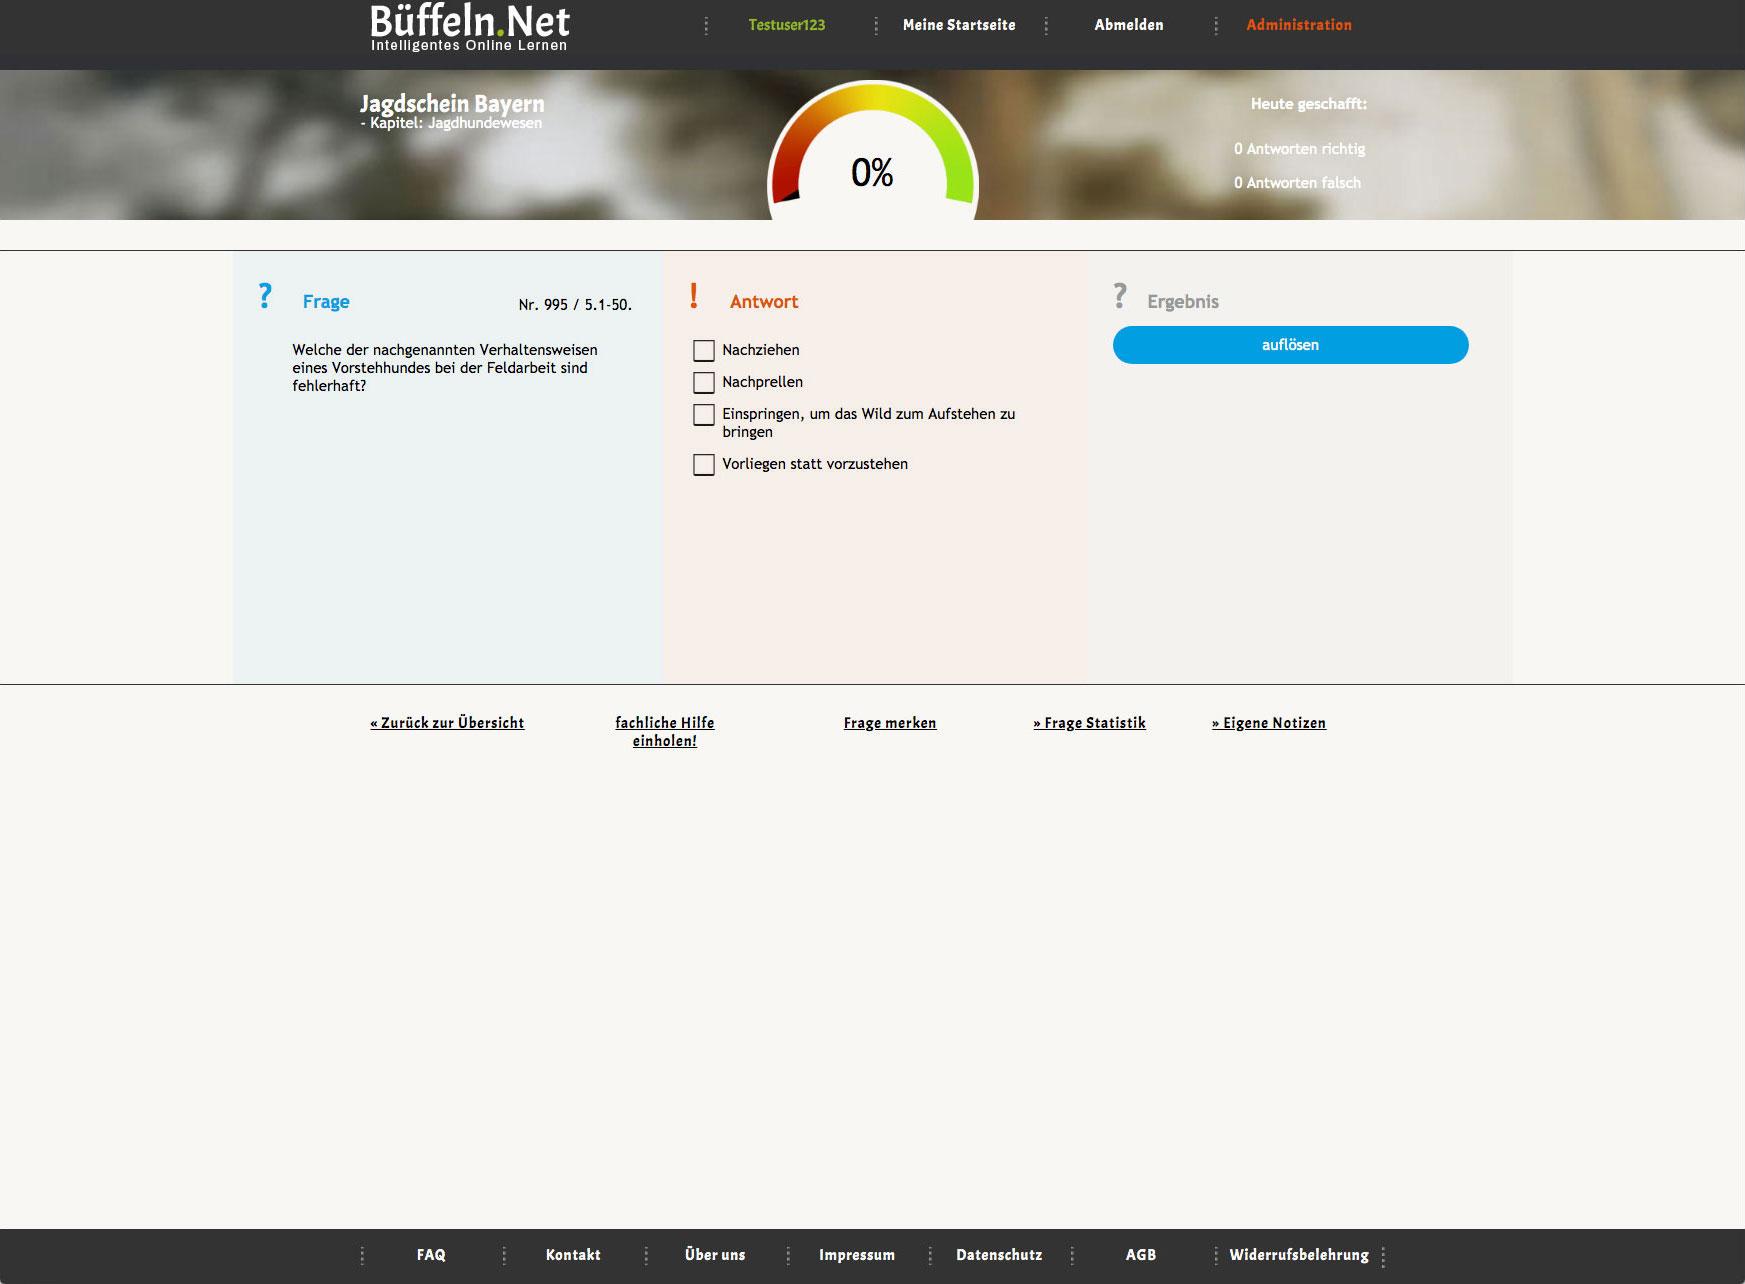 Büffeln.Net - Online Lernen - Lernumgebung